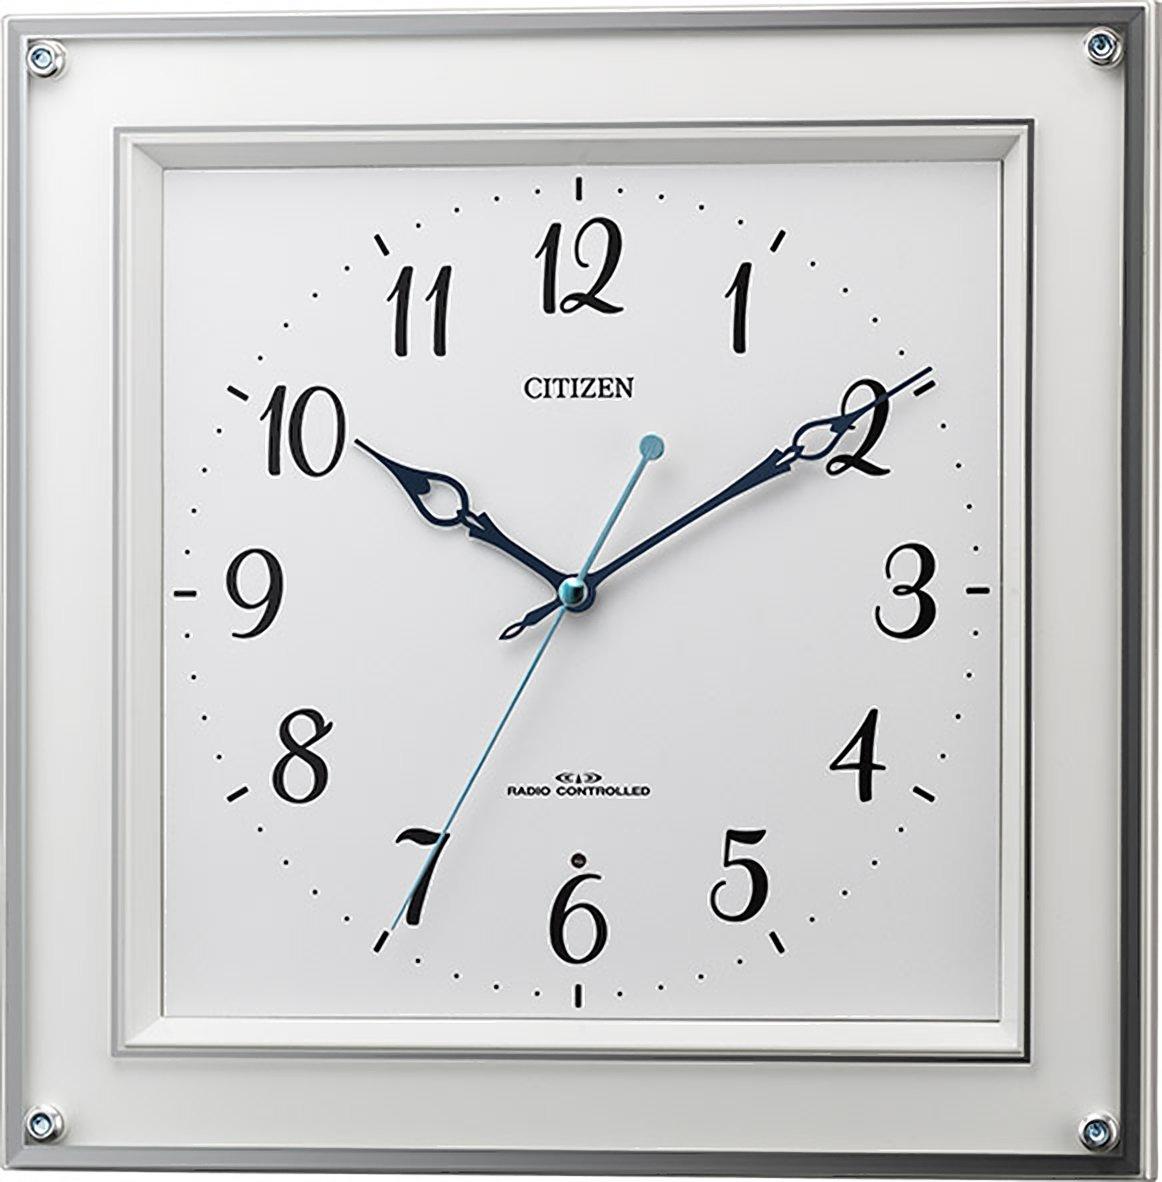 シチズン 掛け時計 電波 アナログ M519 連続秒針 クリスタル 飾り付き 白 CITIZEN 8MY519-003 B01MRX8OK8